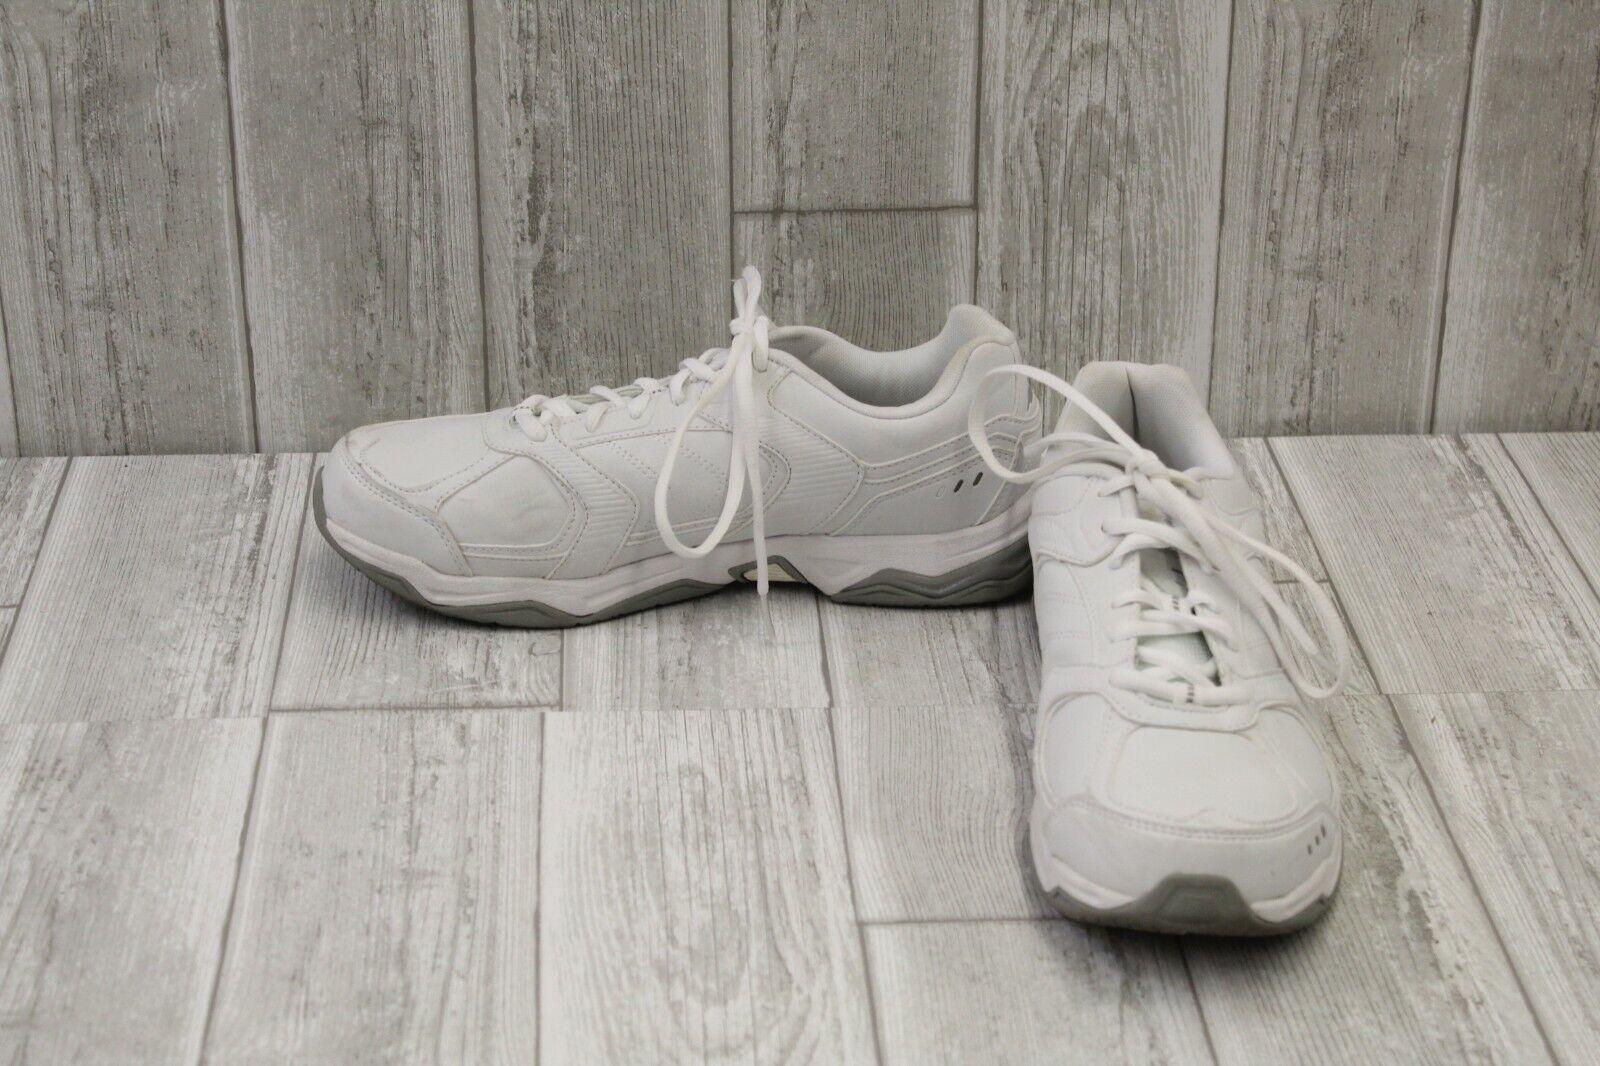 Avia Avi-Union A1439W Sneaker - Women's Size 10.5 White